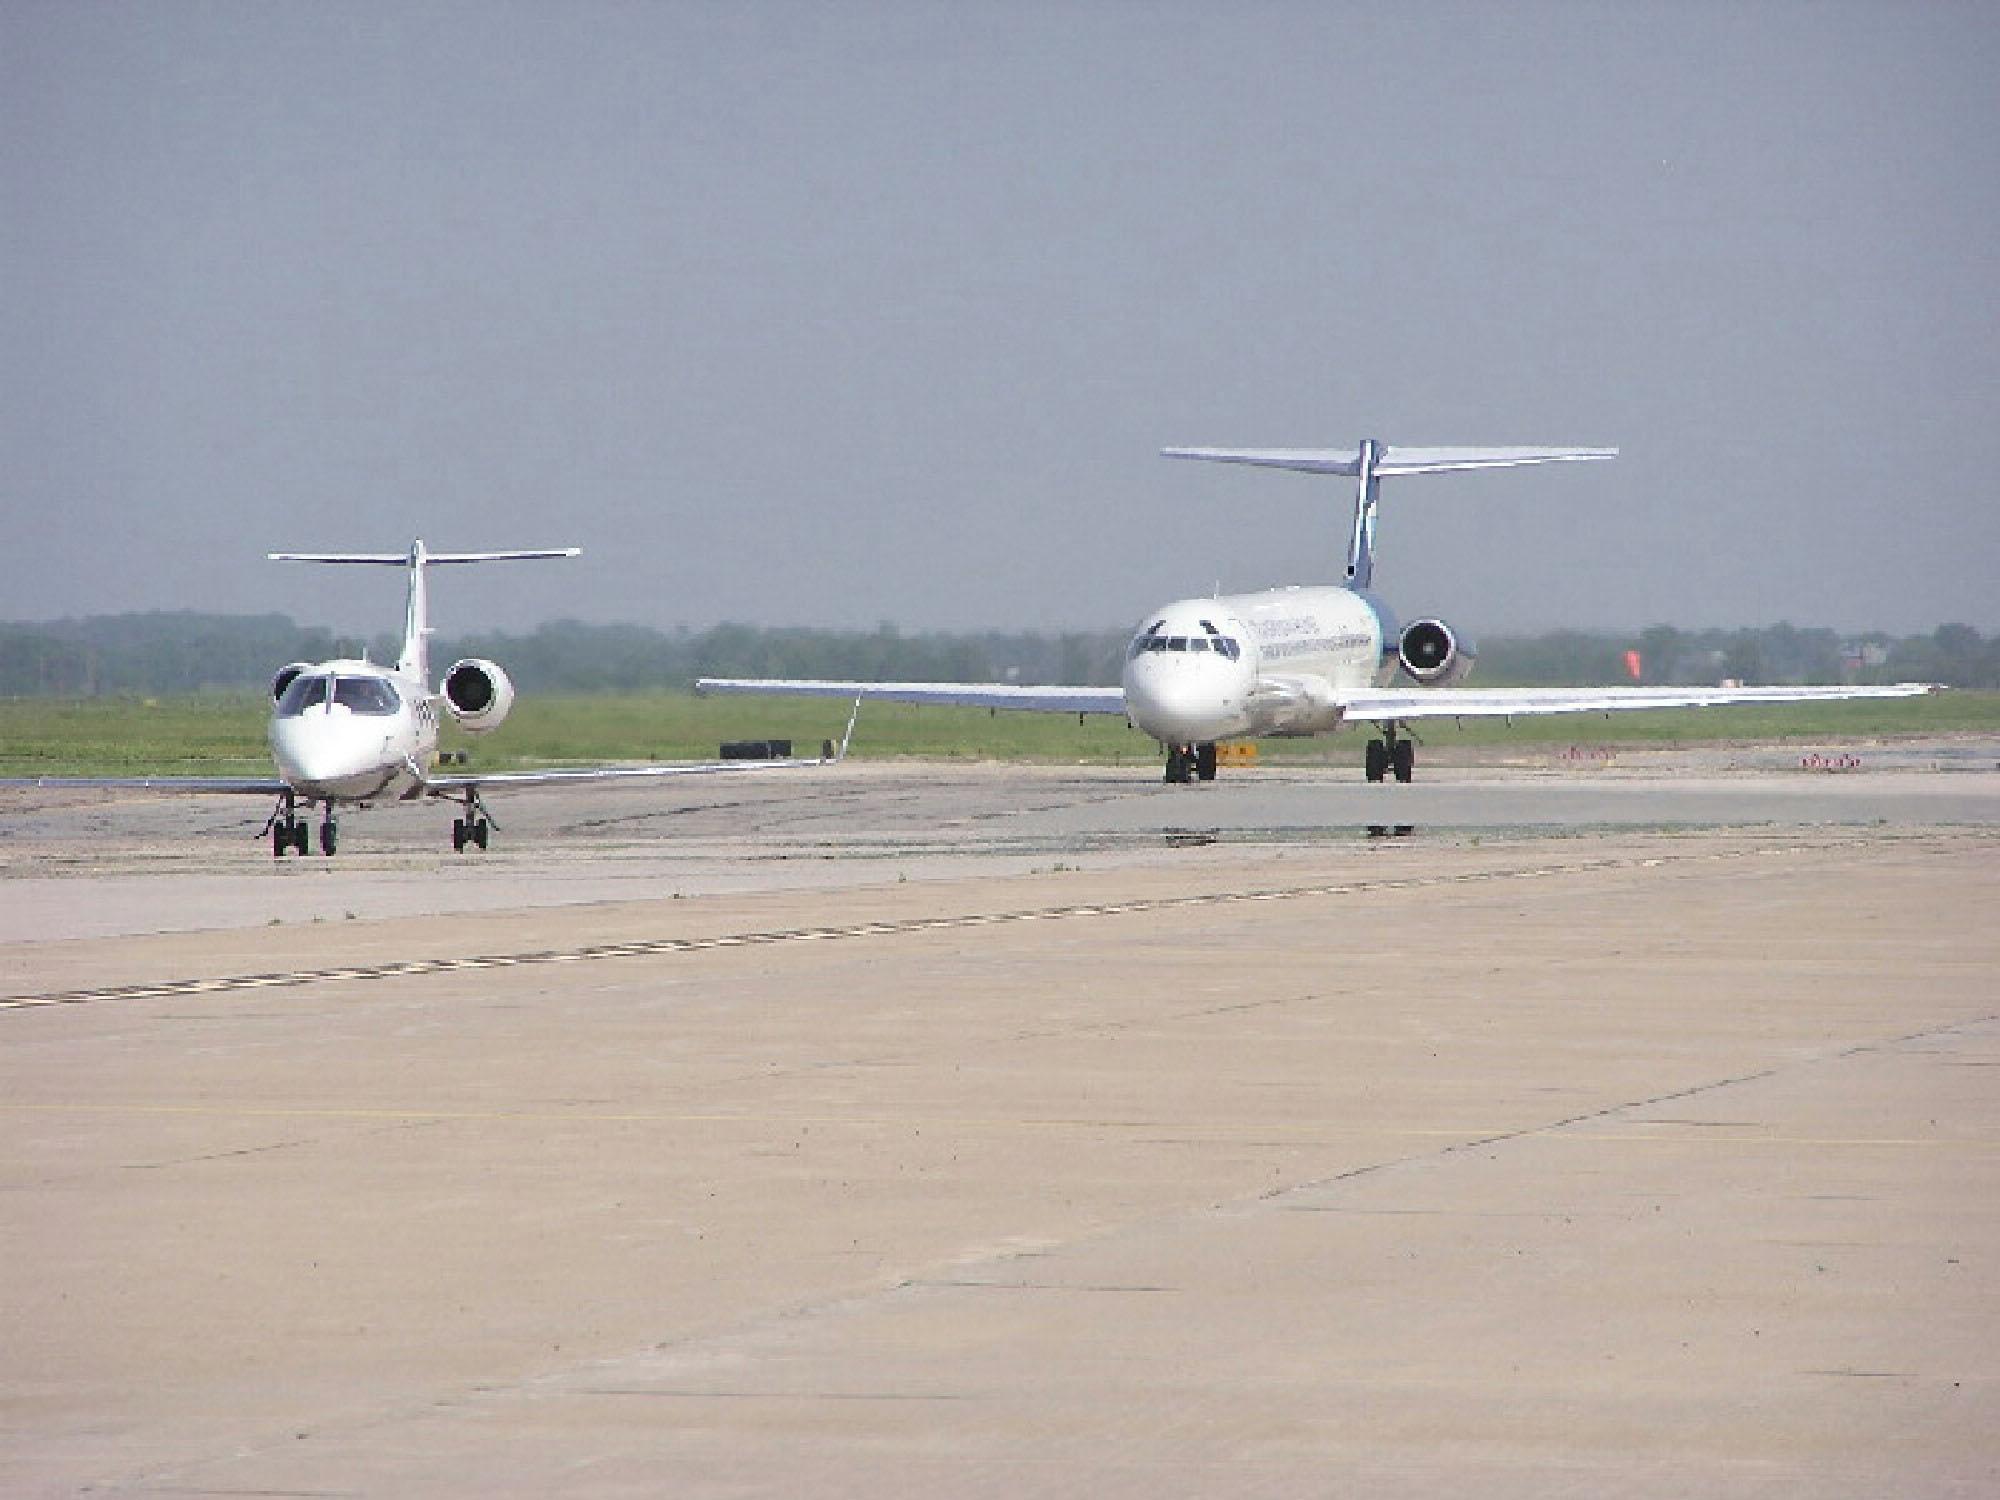 TSA Denies Passenger Screening Services at Salina Airport